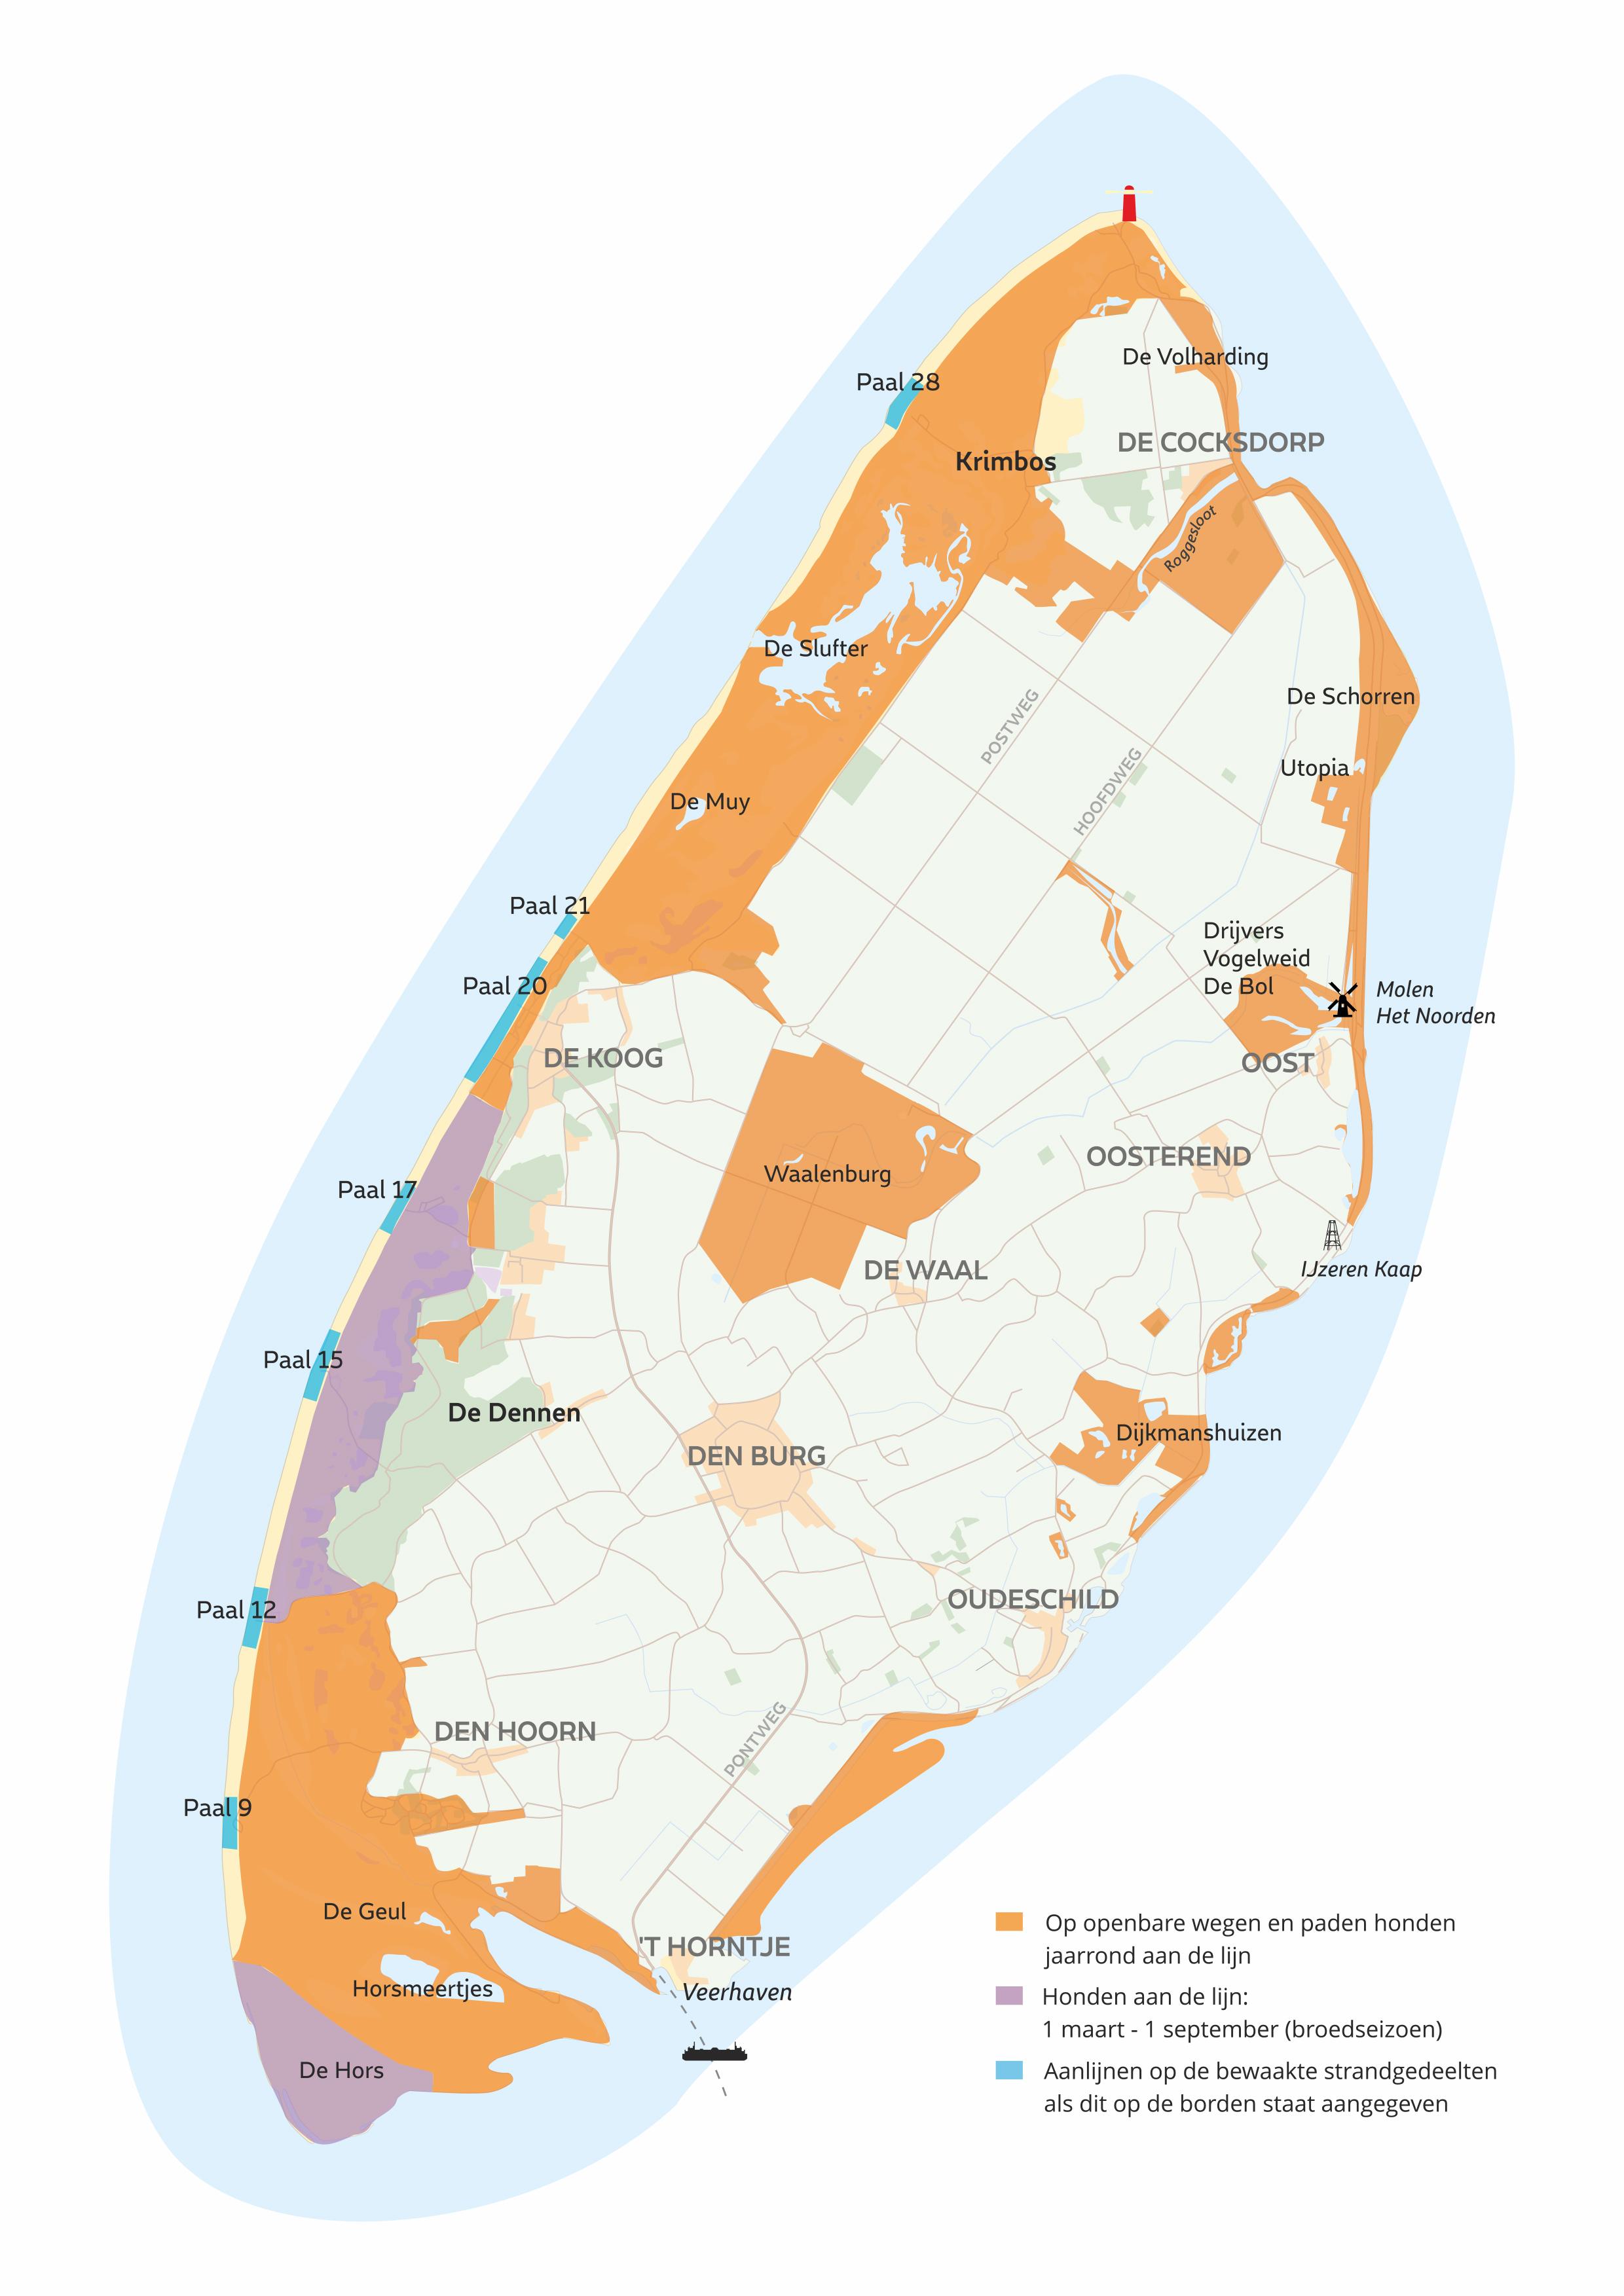 Aanlijnplicht hond kaart Texel VVV Texel